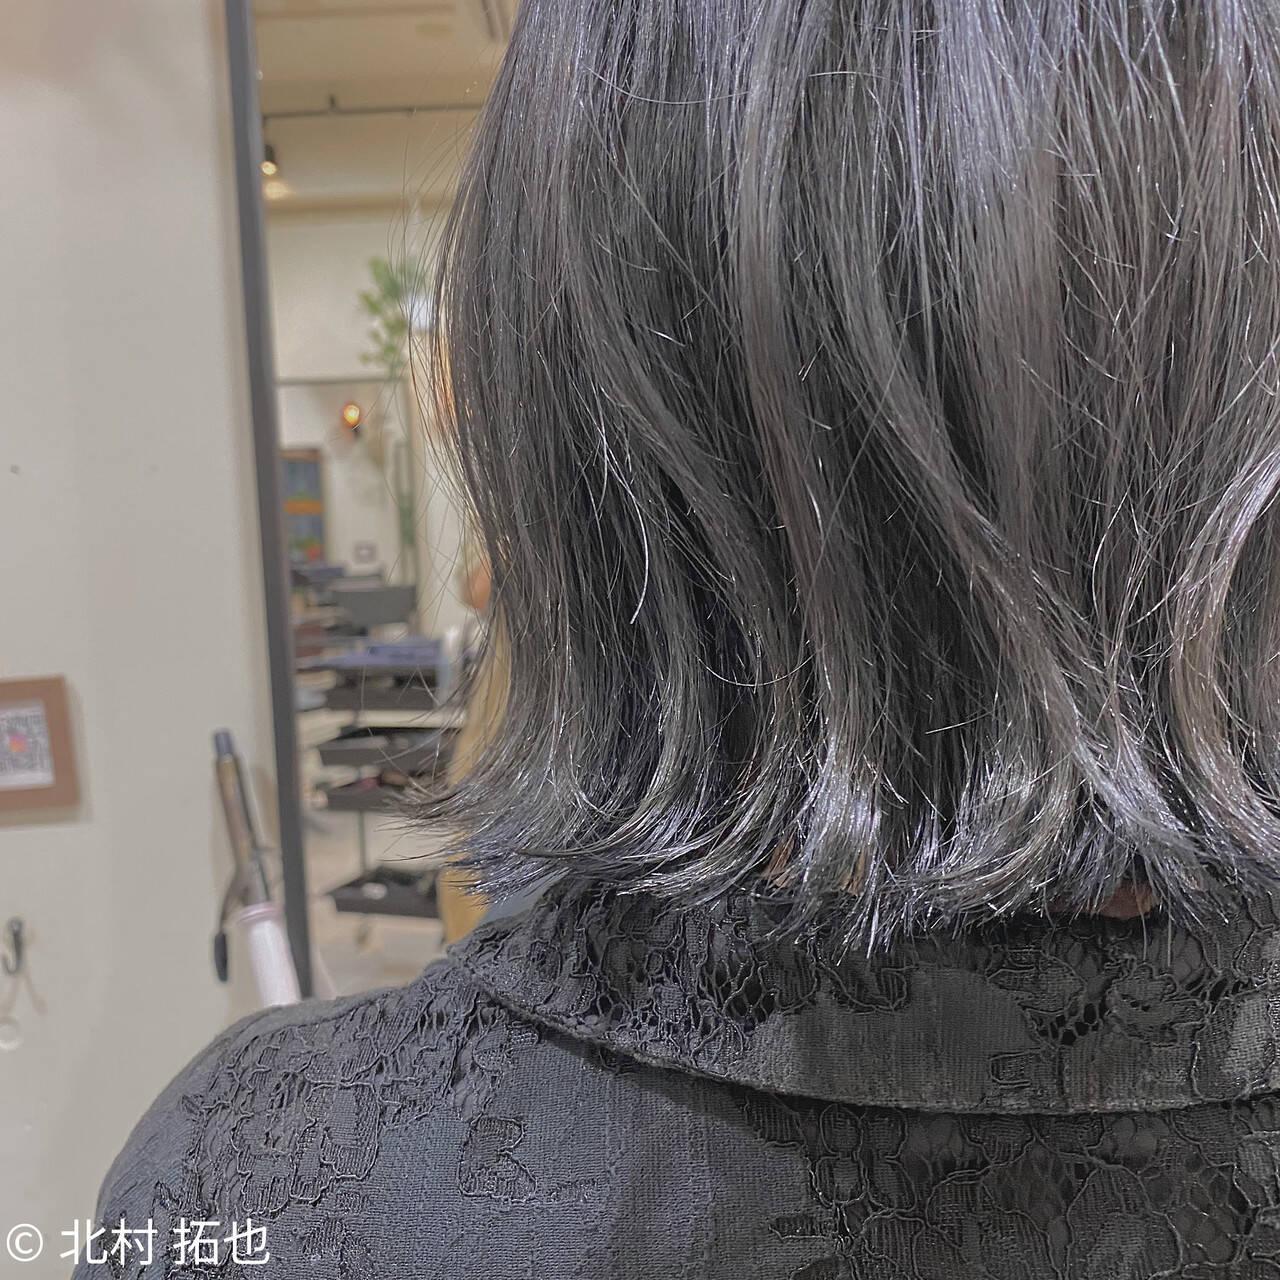 ブルージュ 透明感カラー ボブ グレージュヘアスタイルや髪型の写真・画像